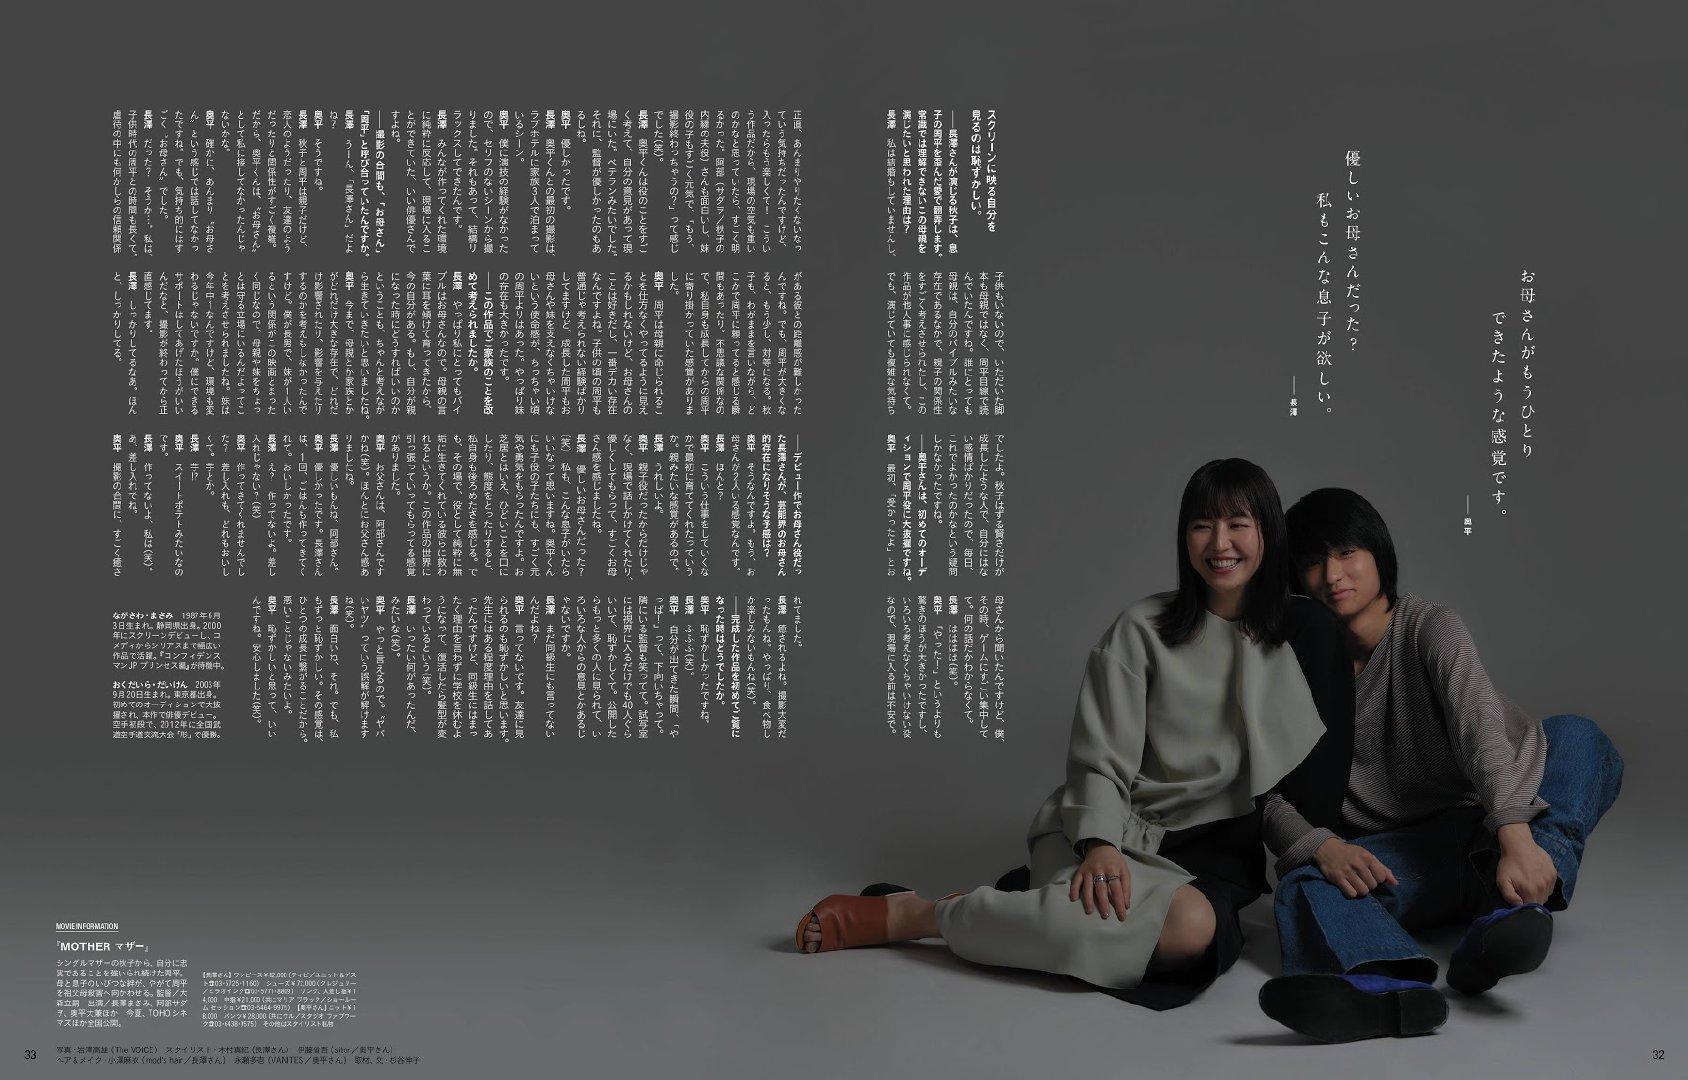 長澤雅美 × 綾瀬遥 × 高畑充希 × 木下晴香